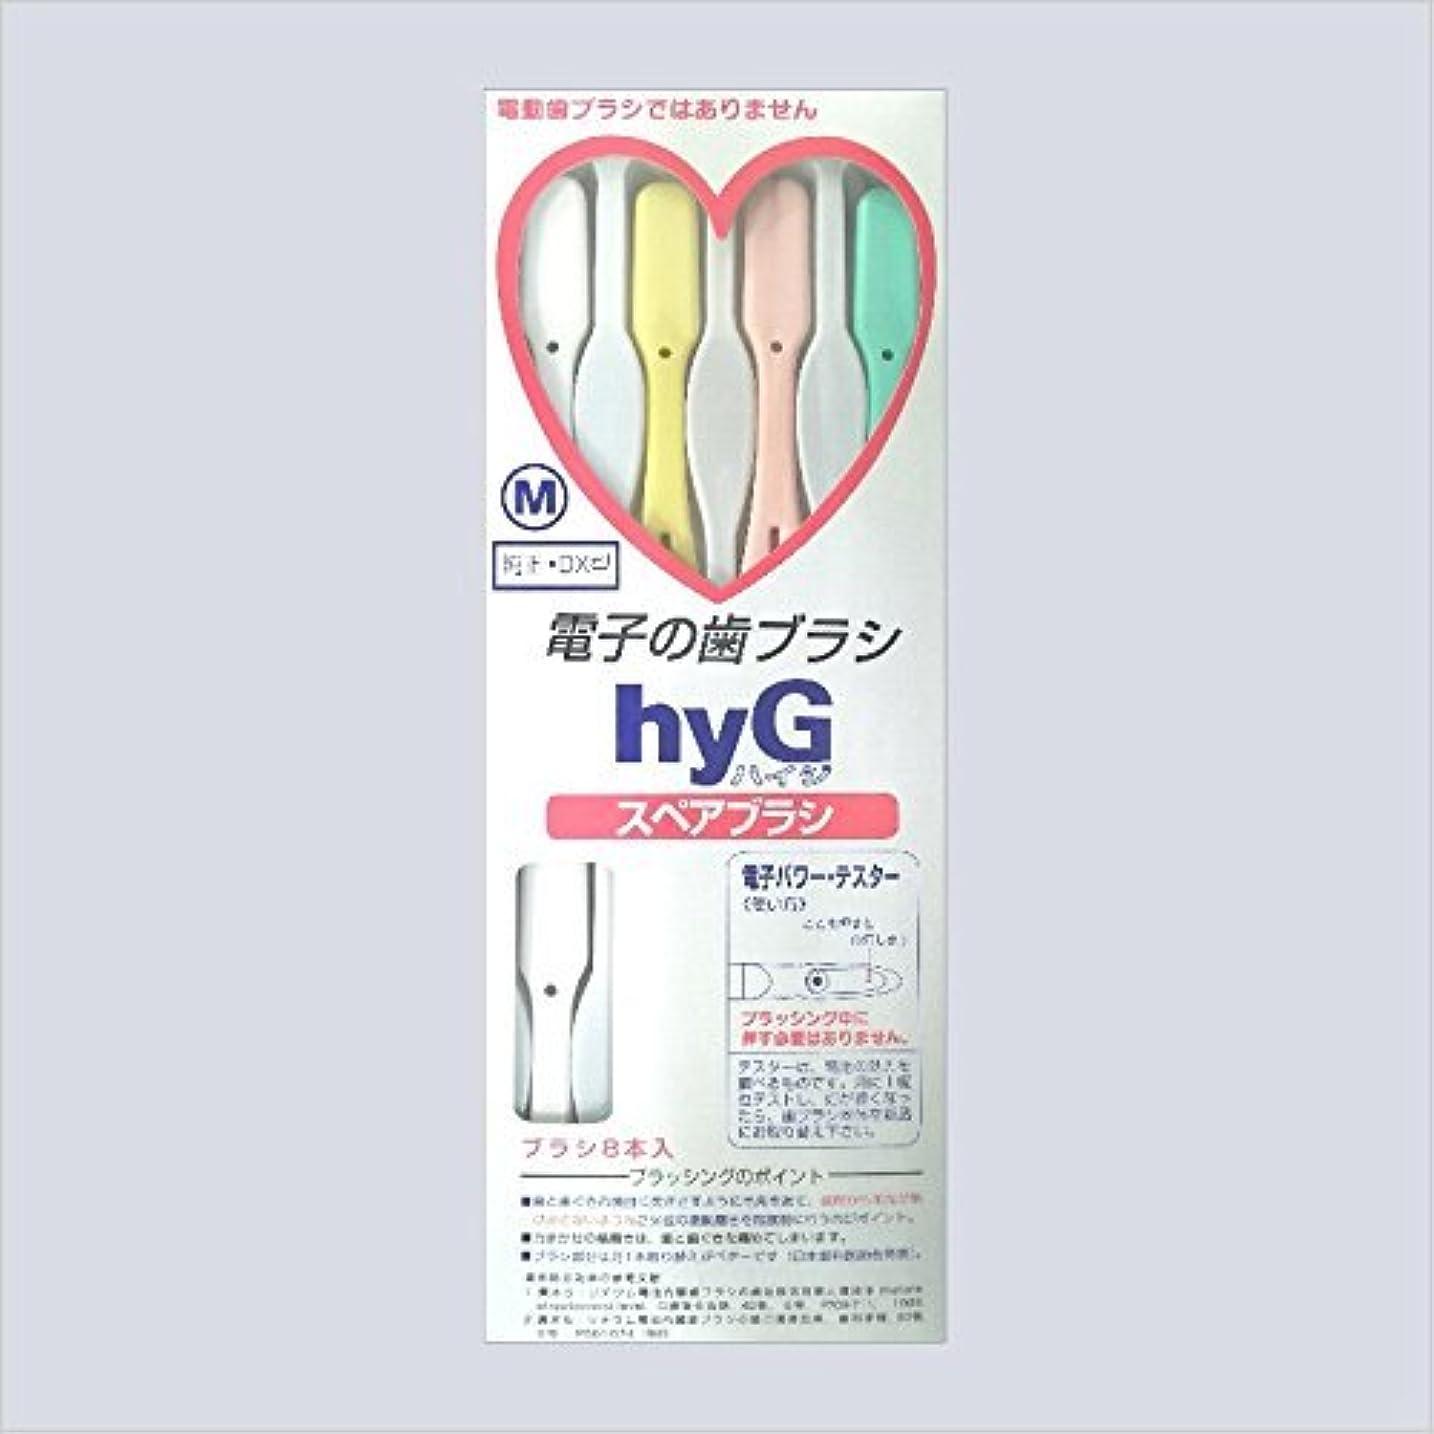 免除する光のよろしく電子の歯ブラシ ハイジ(hyG)?スペアブラシ <ブラシの硬さ:Hかため> (※こちらは「スペアブラシ」です )?hyG-DX型